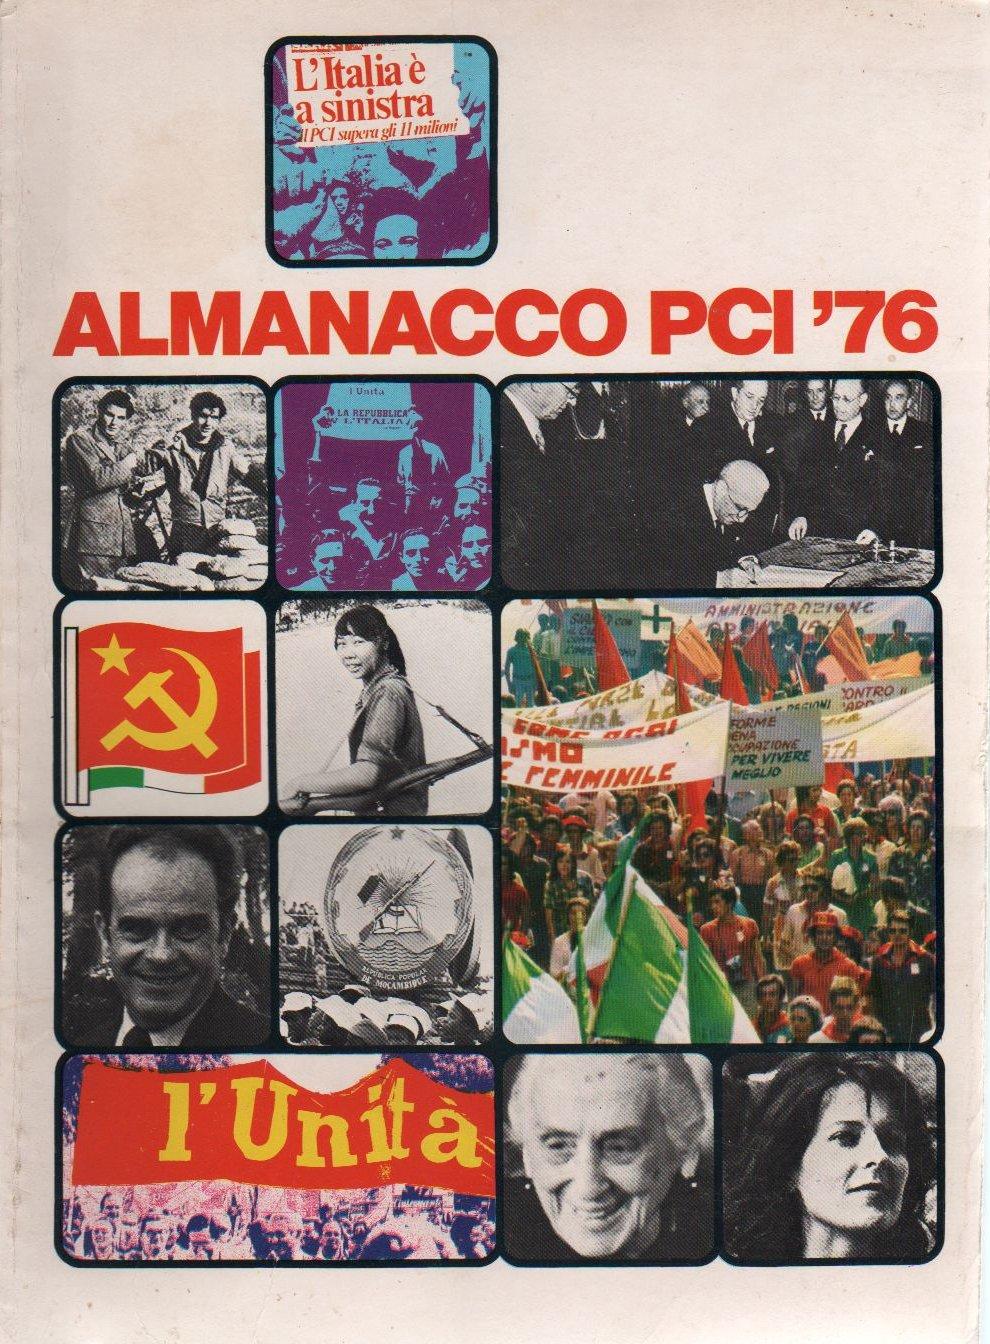 Almanacco PCI '76